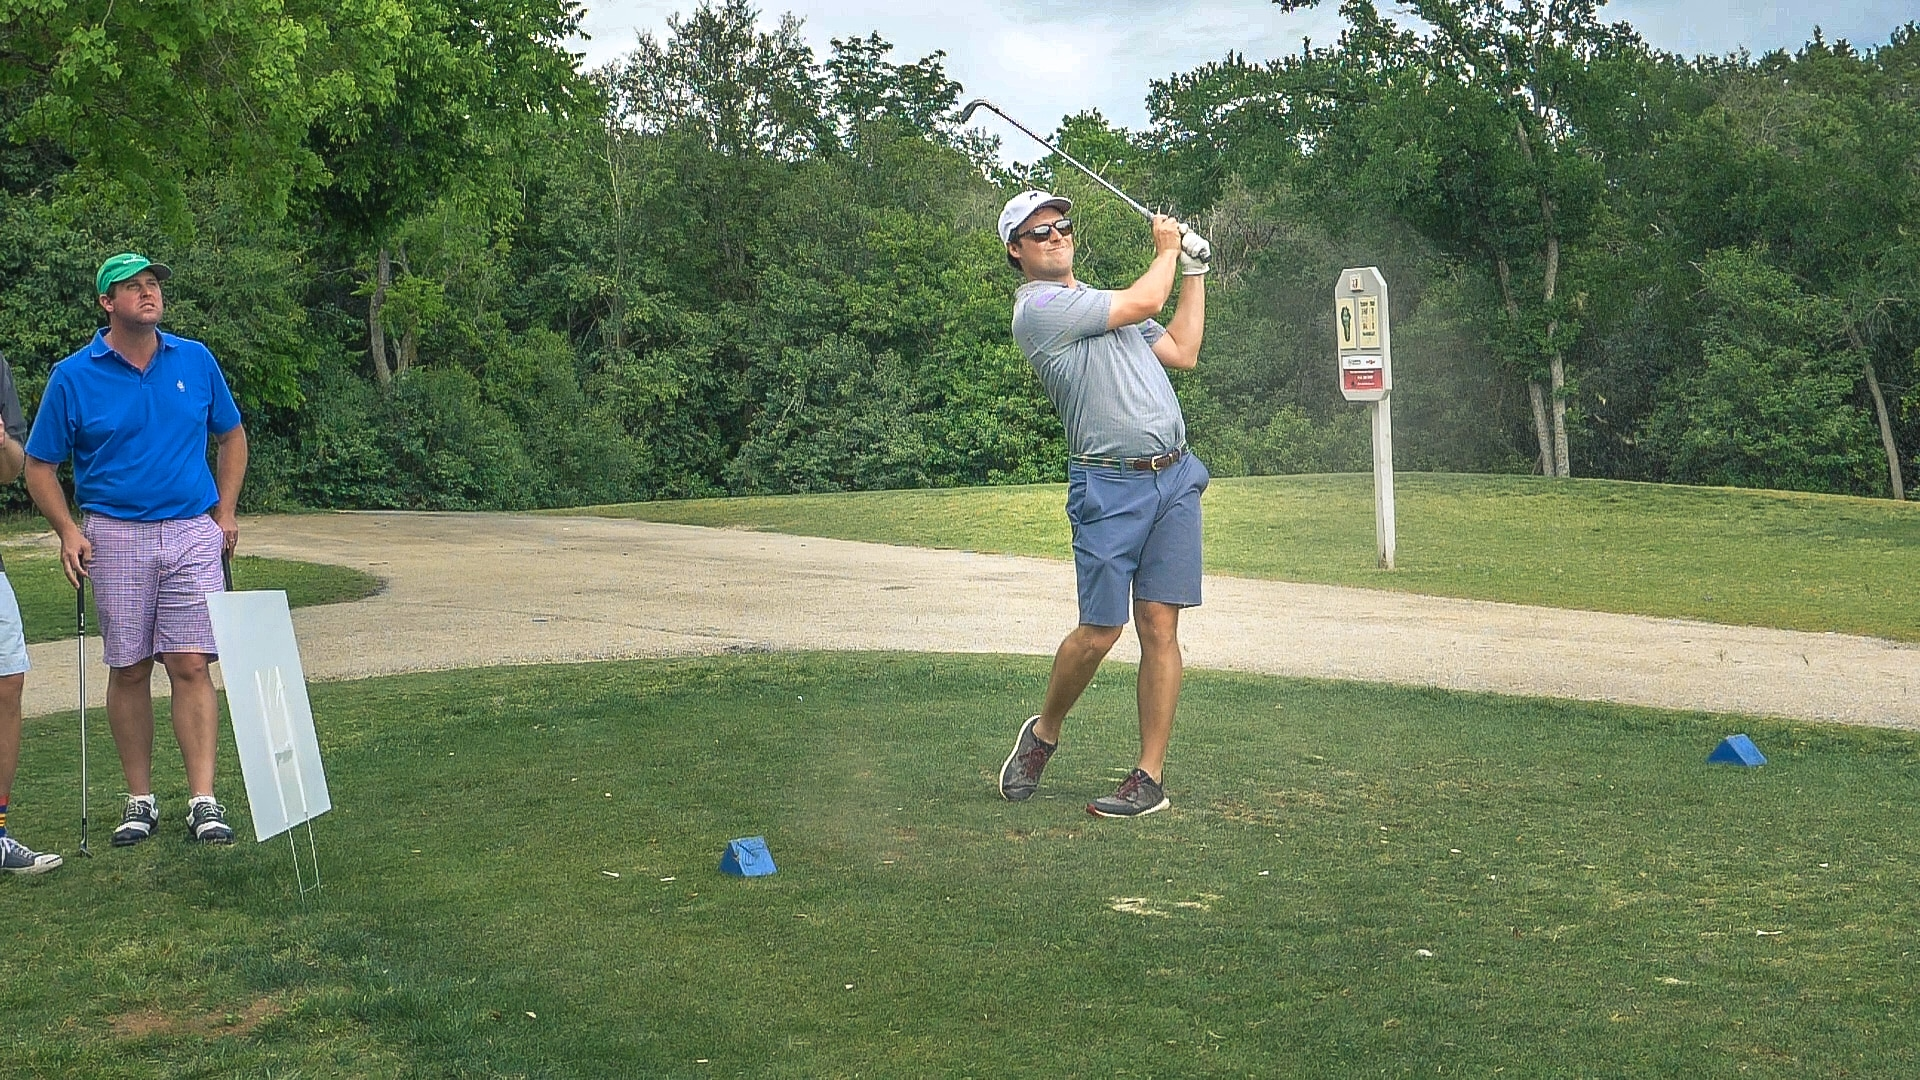 Ben Tolson Golfing in Austin, Texas